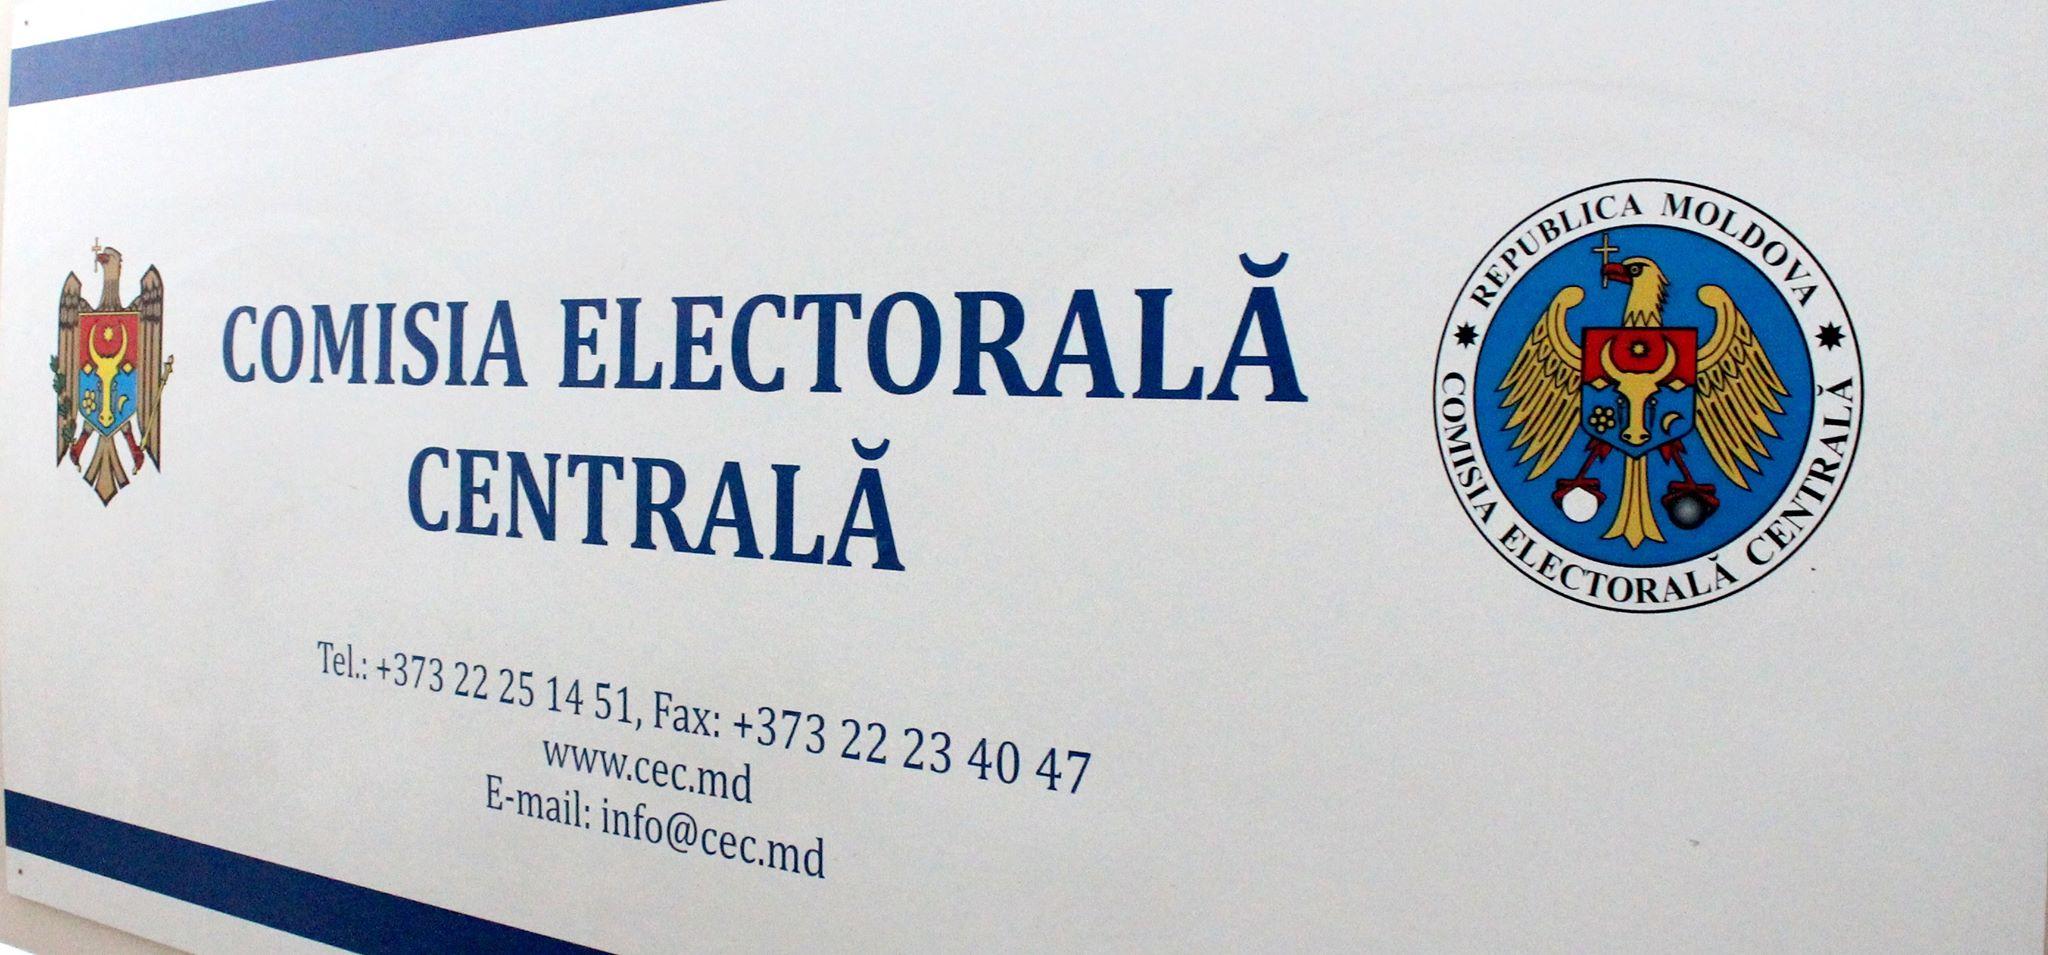 139 secții de votare în străinătate pentru alegerile prezidențiale